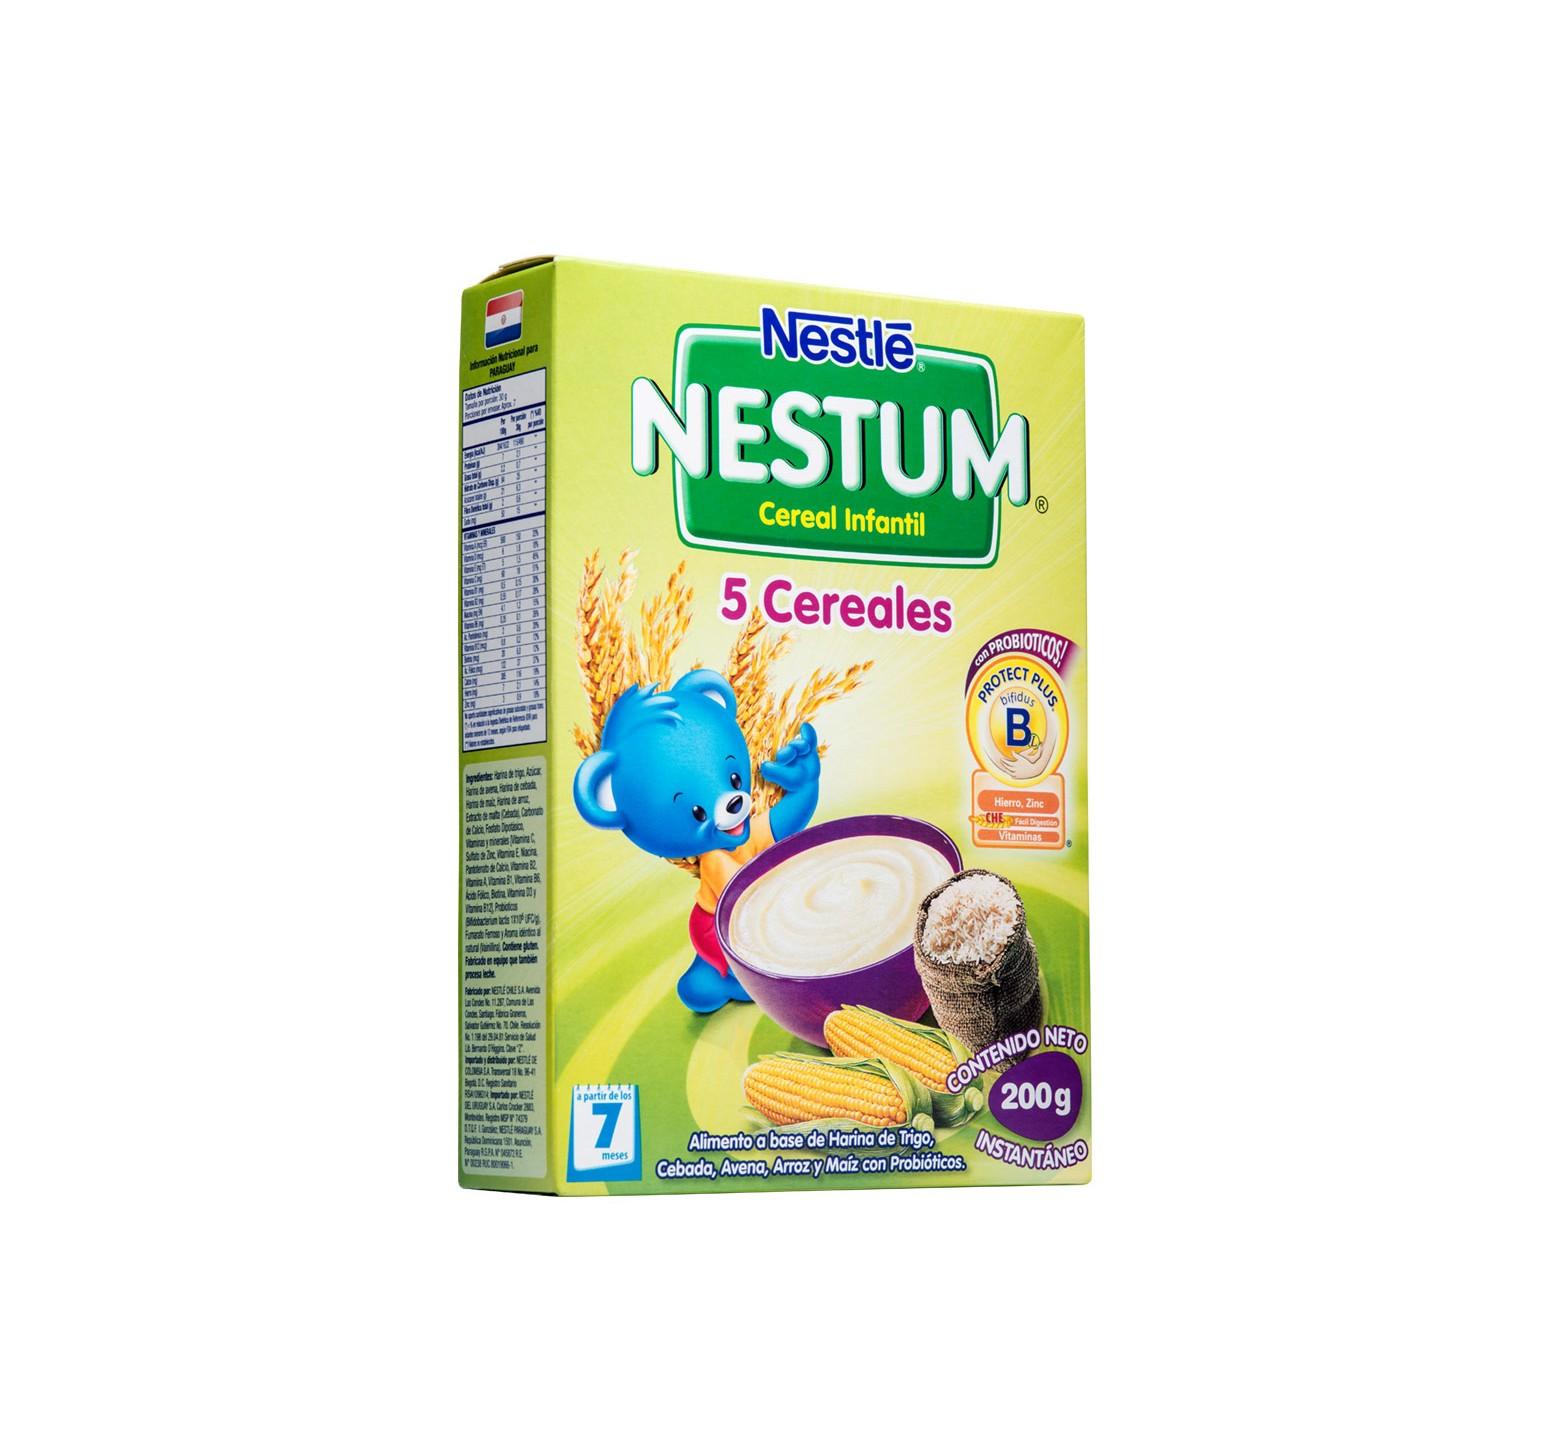 Nestlé Cereal infantil Nestum 5 Cereales (200 gr.)